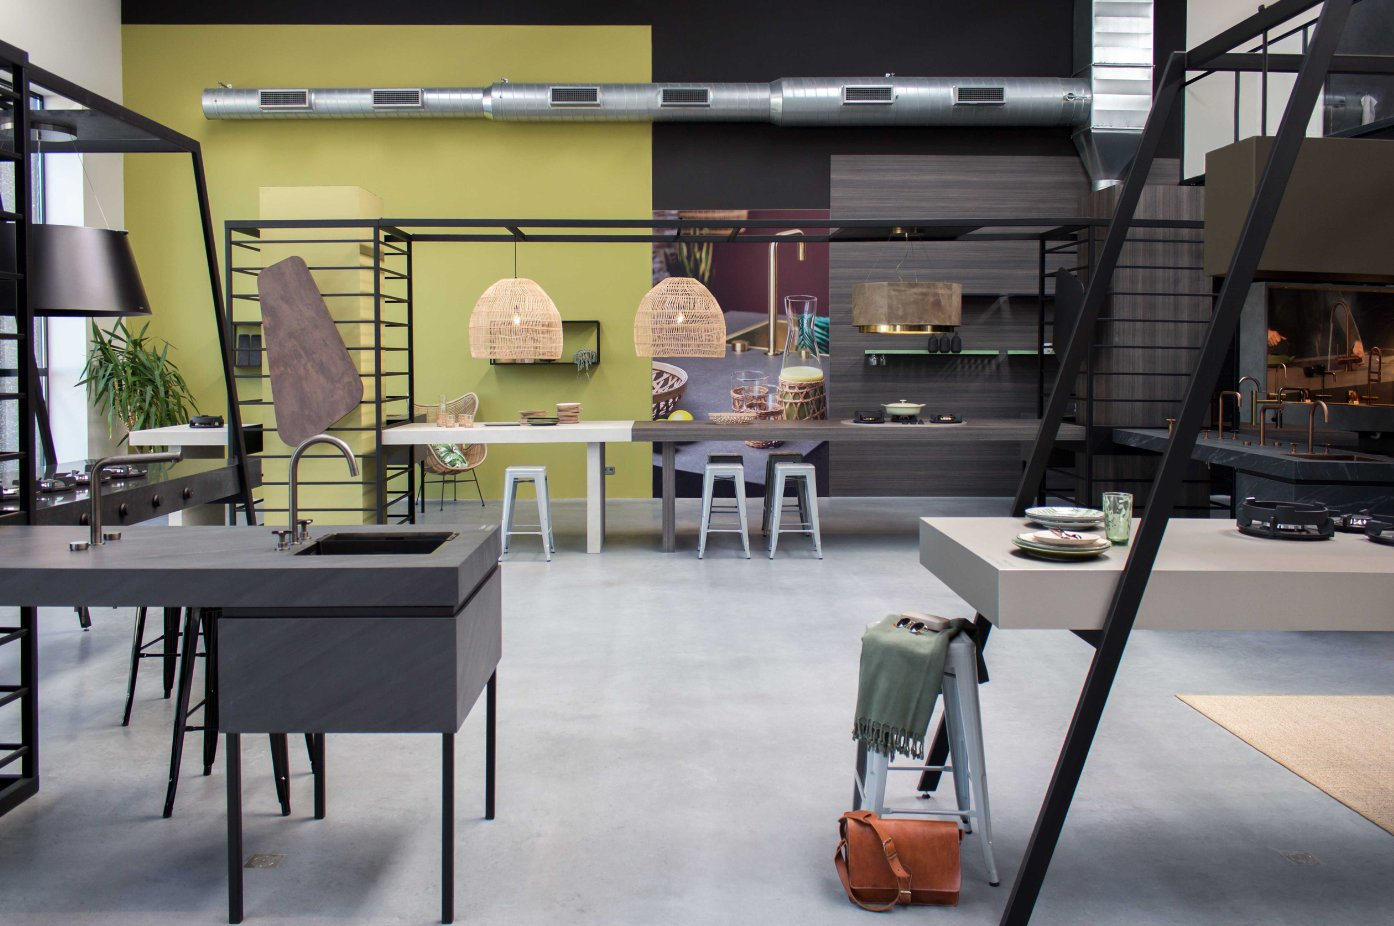 Dekker Trend Centre #keukeninspiratie #dekkertrendcentre #keukendesign #keuken #dekkerzevenhuizen